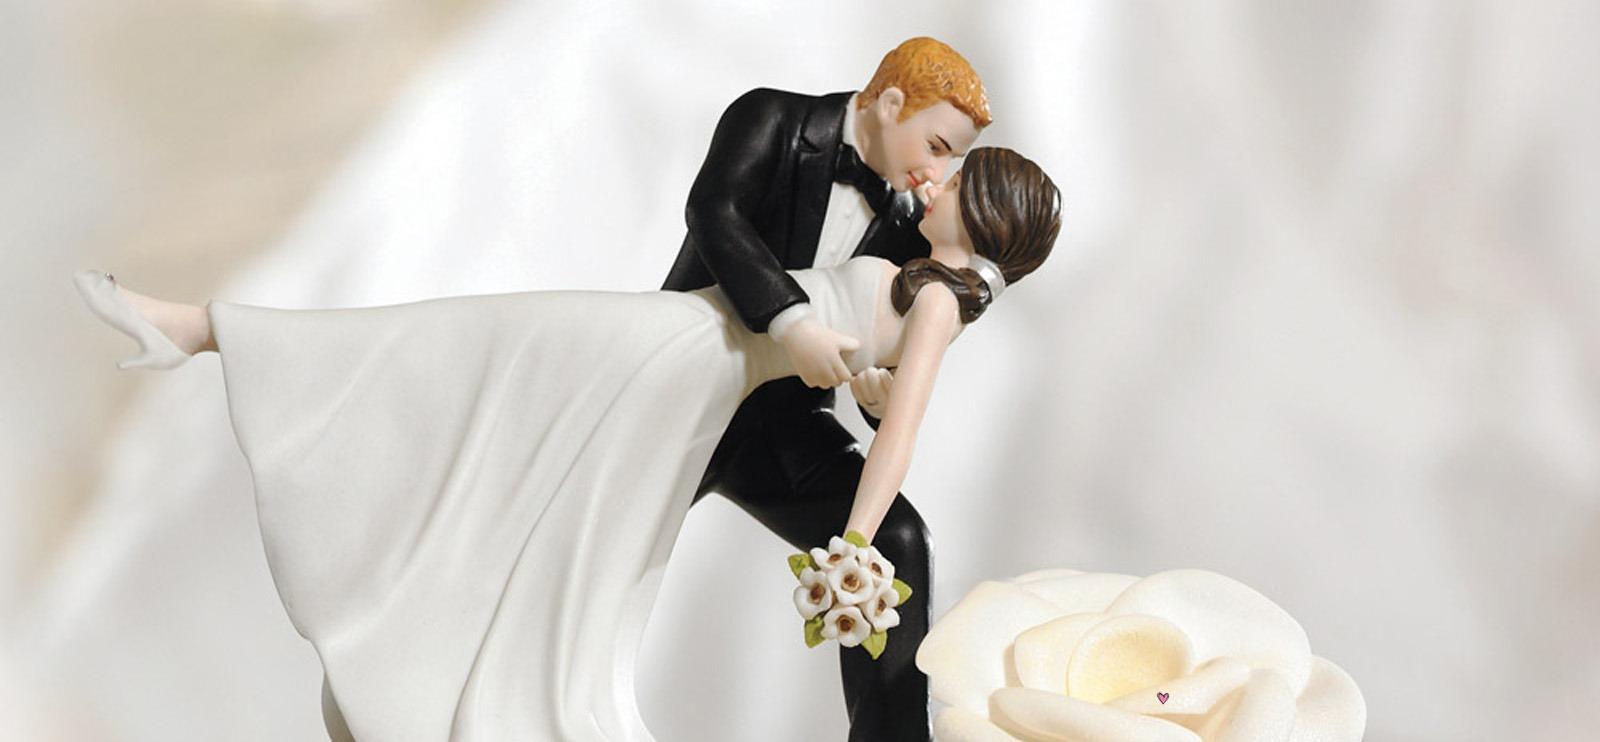 Подарок для мужчины на 20 лет свадьбы